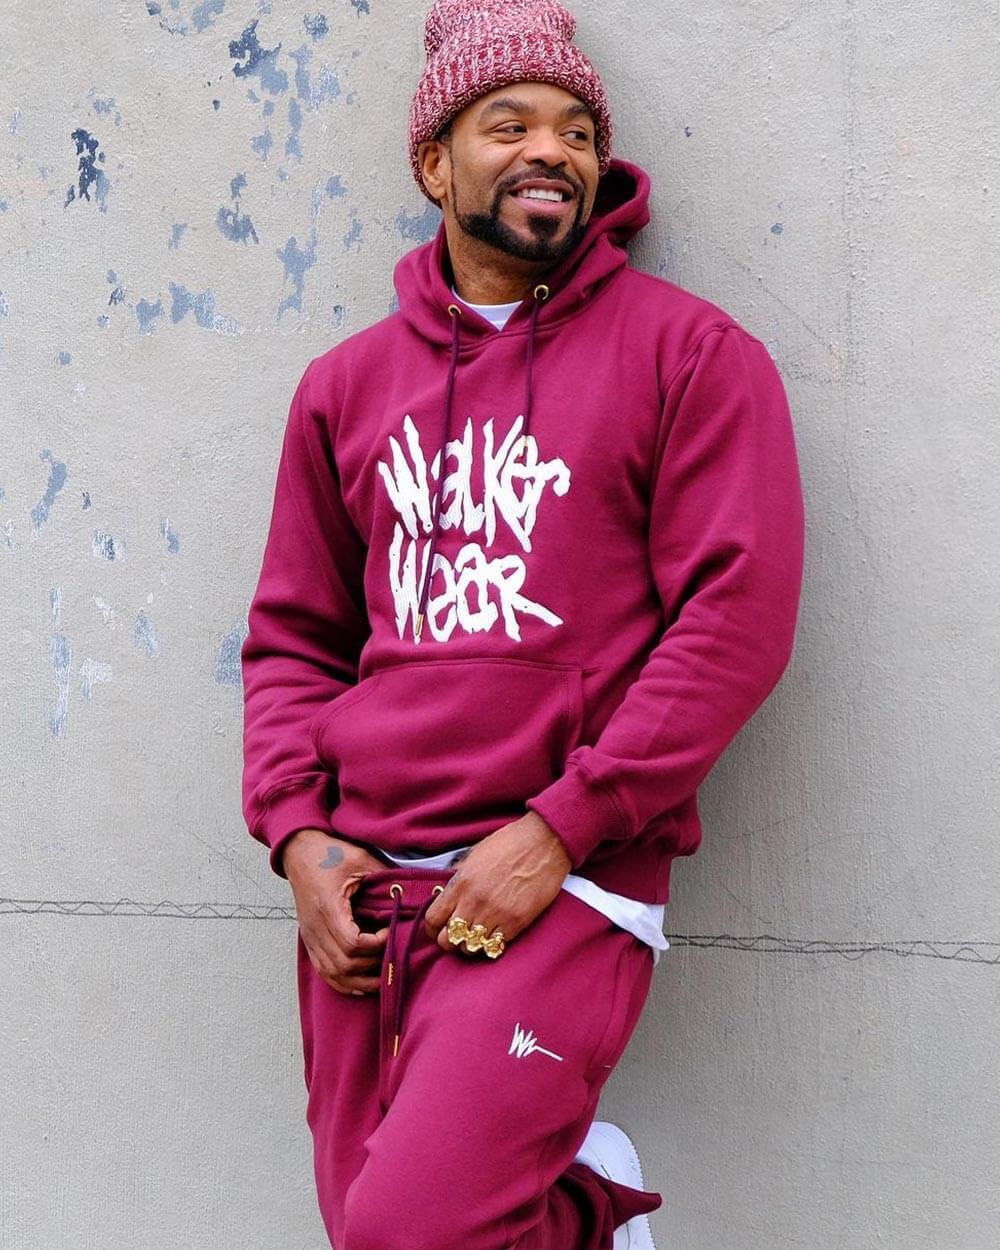 Walker Wear emerging streetwear brand